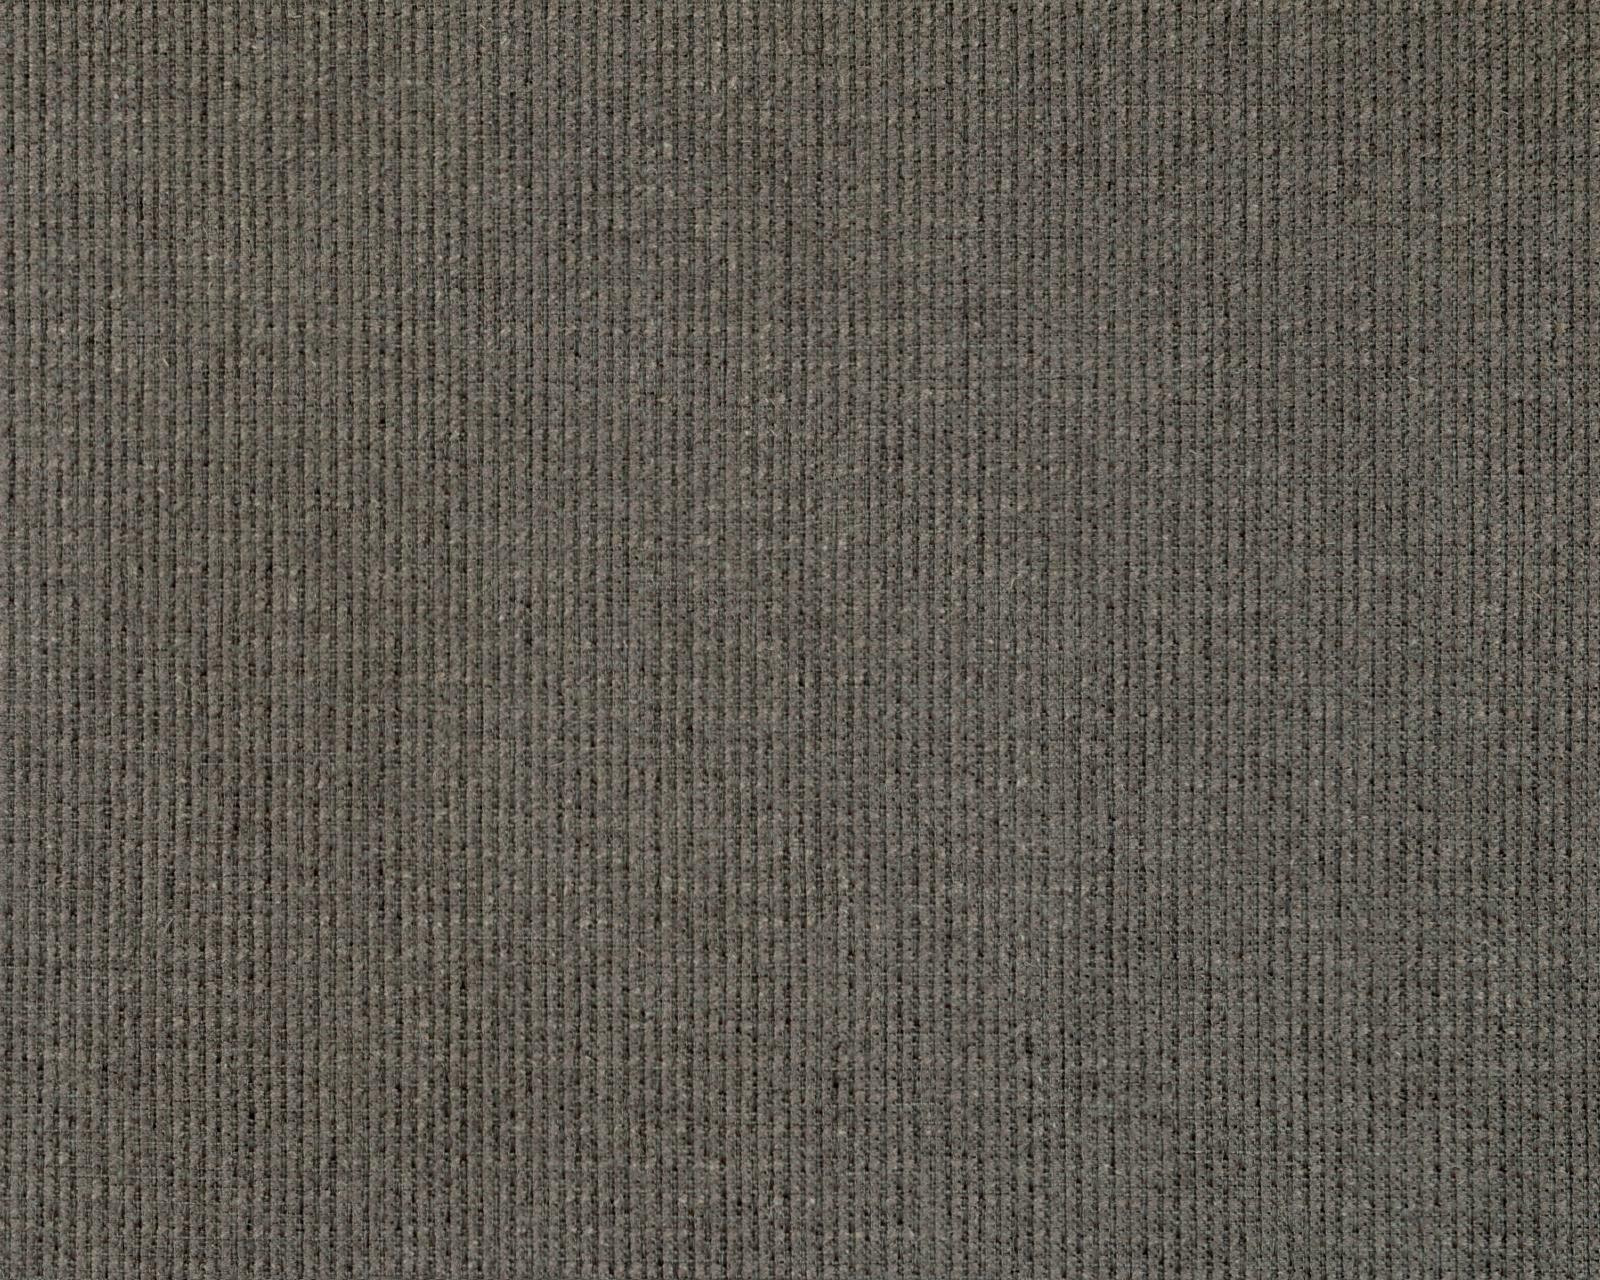 Ткань мебельная шенилл HELGA, GRAFIT